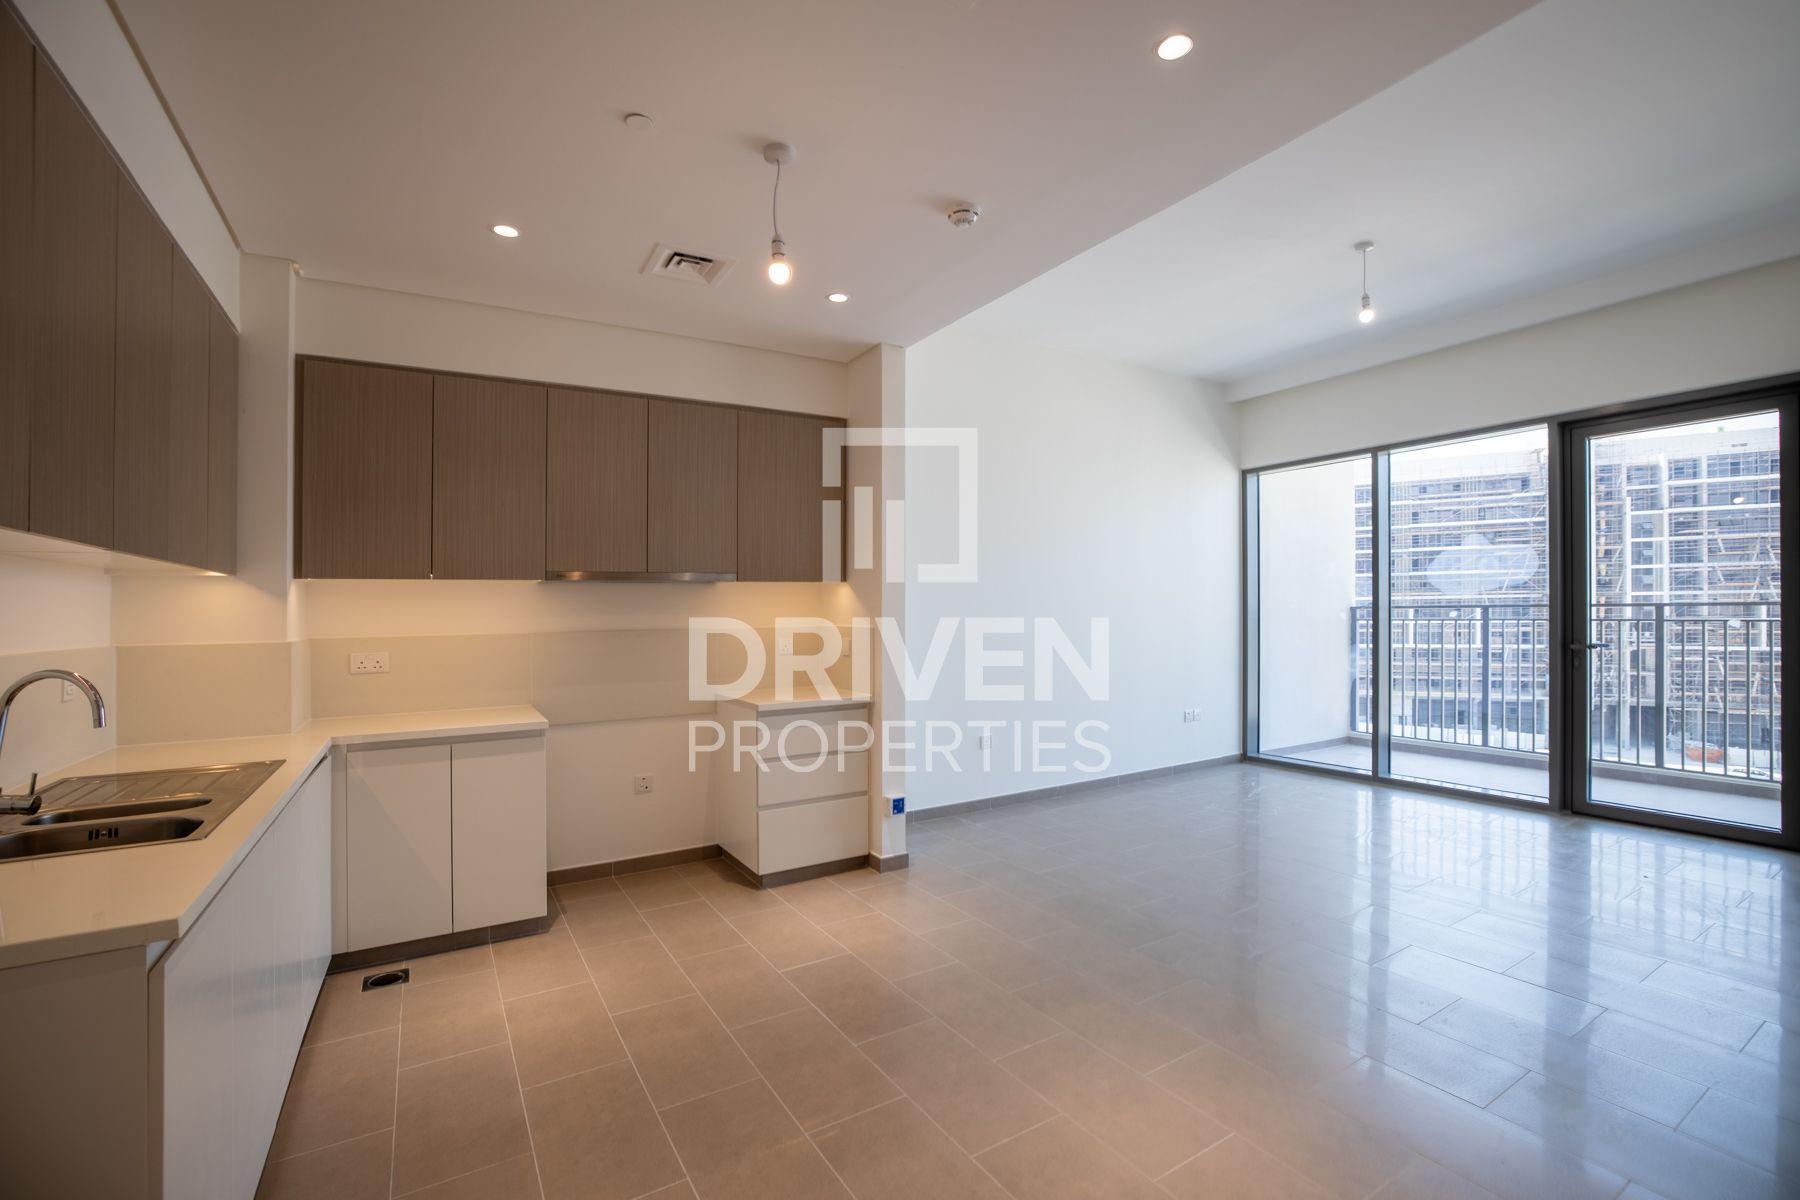 646 قدم مربع  شقة - للايجار - دبي هيلز استيت